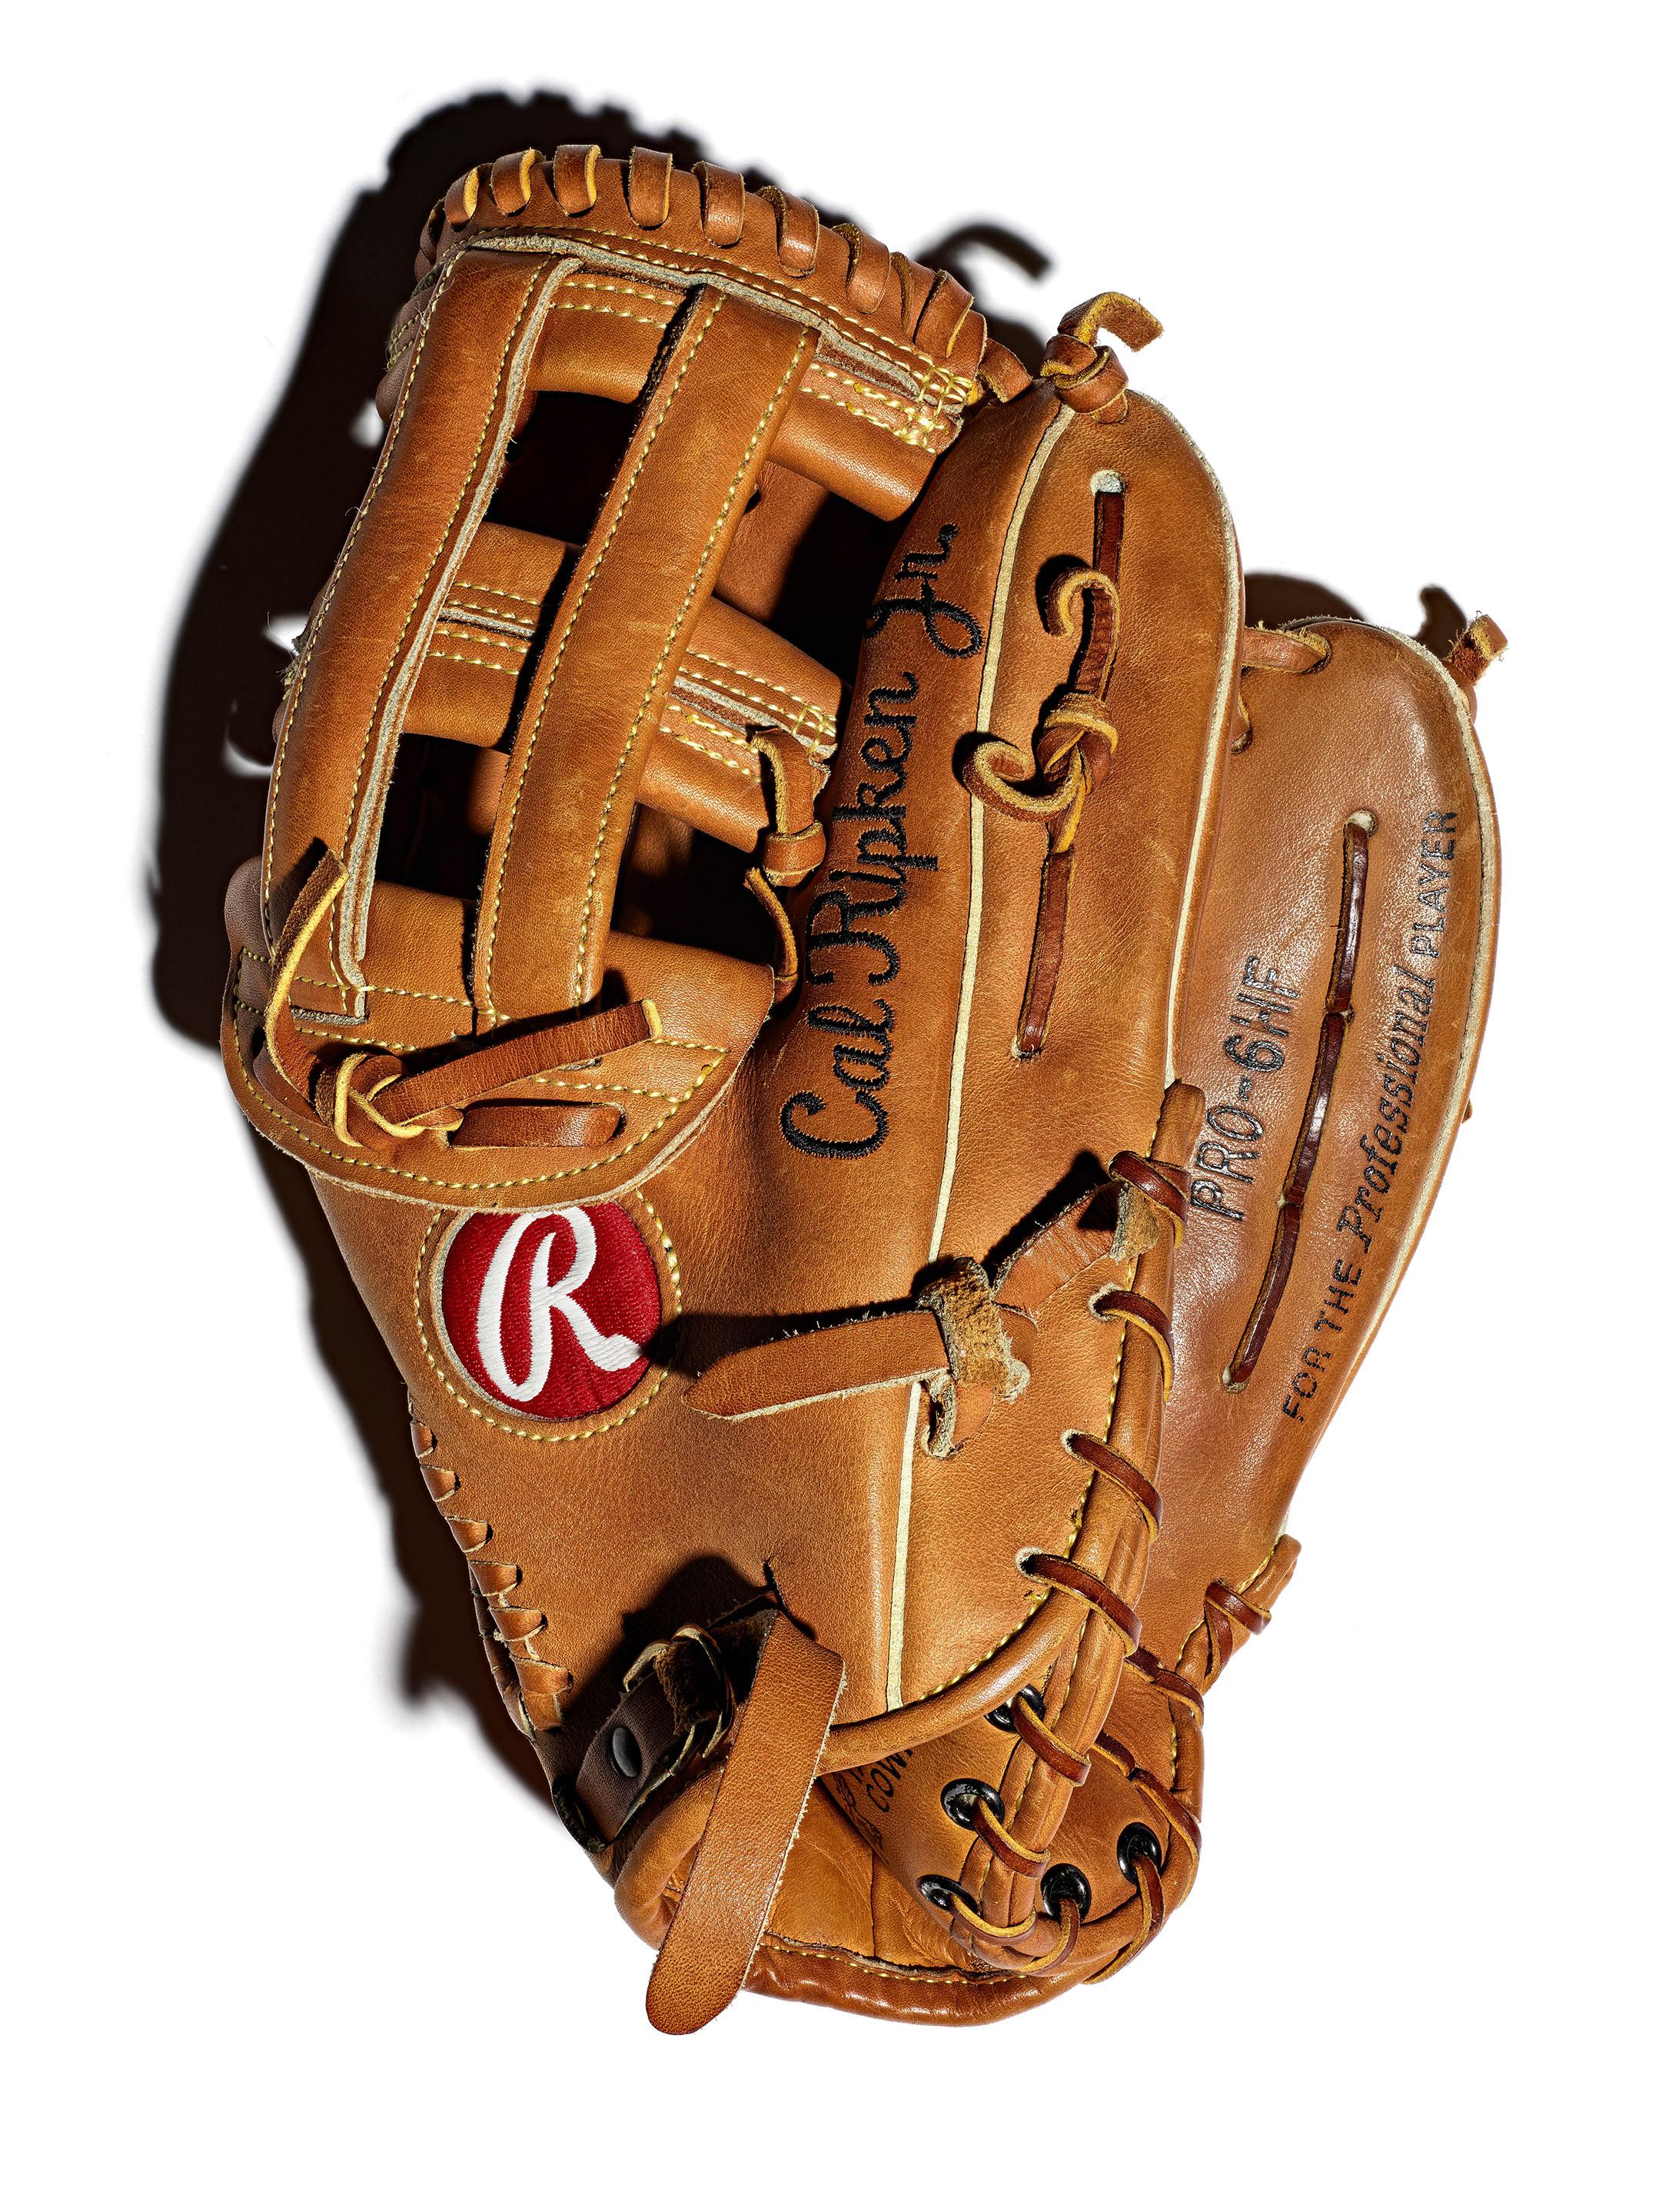 Legendary Major League Baseball Player Cal Ripken Jr